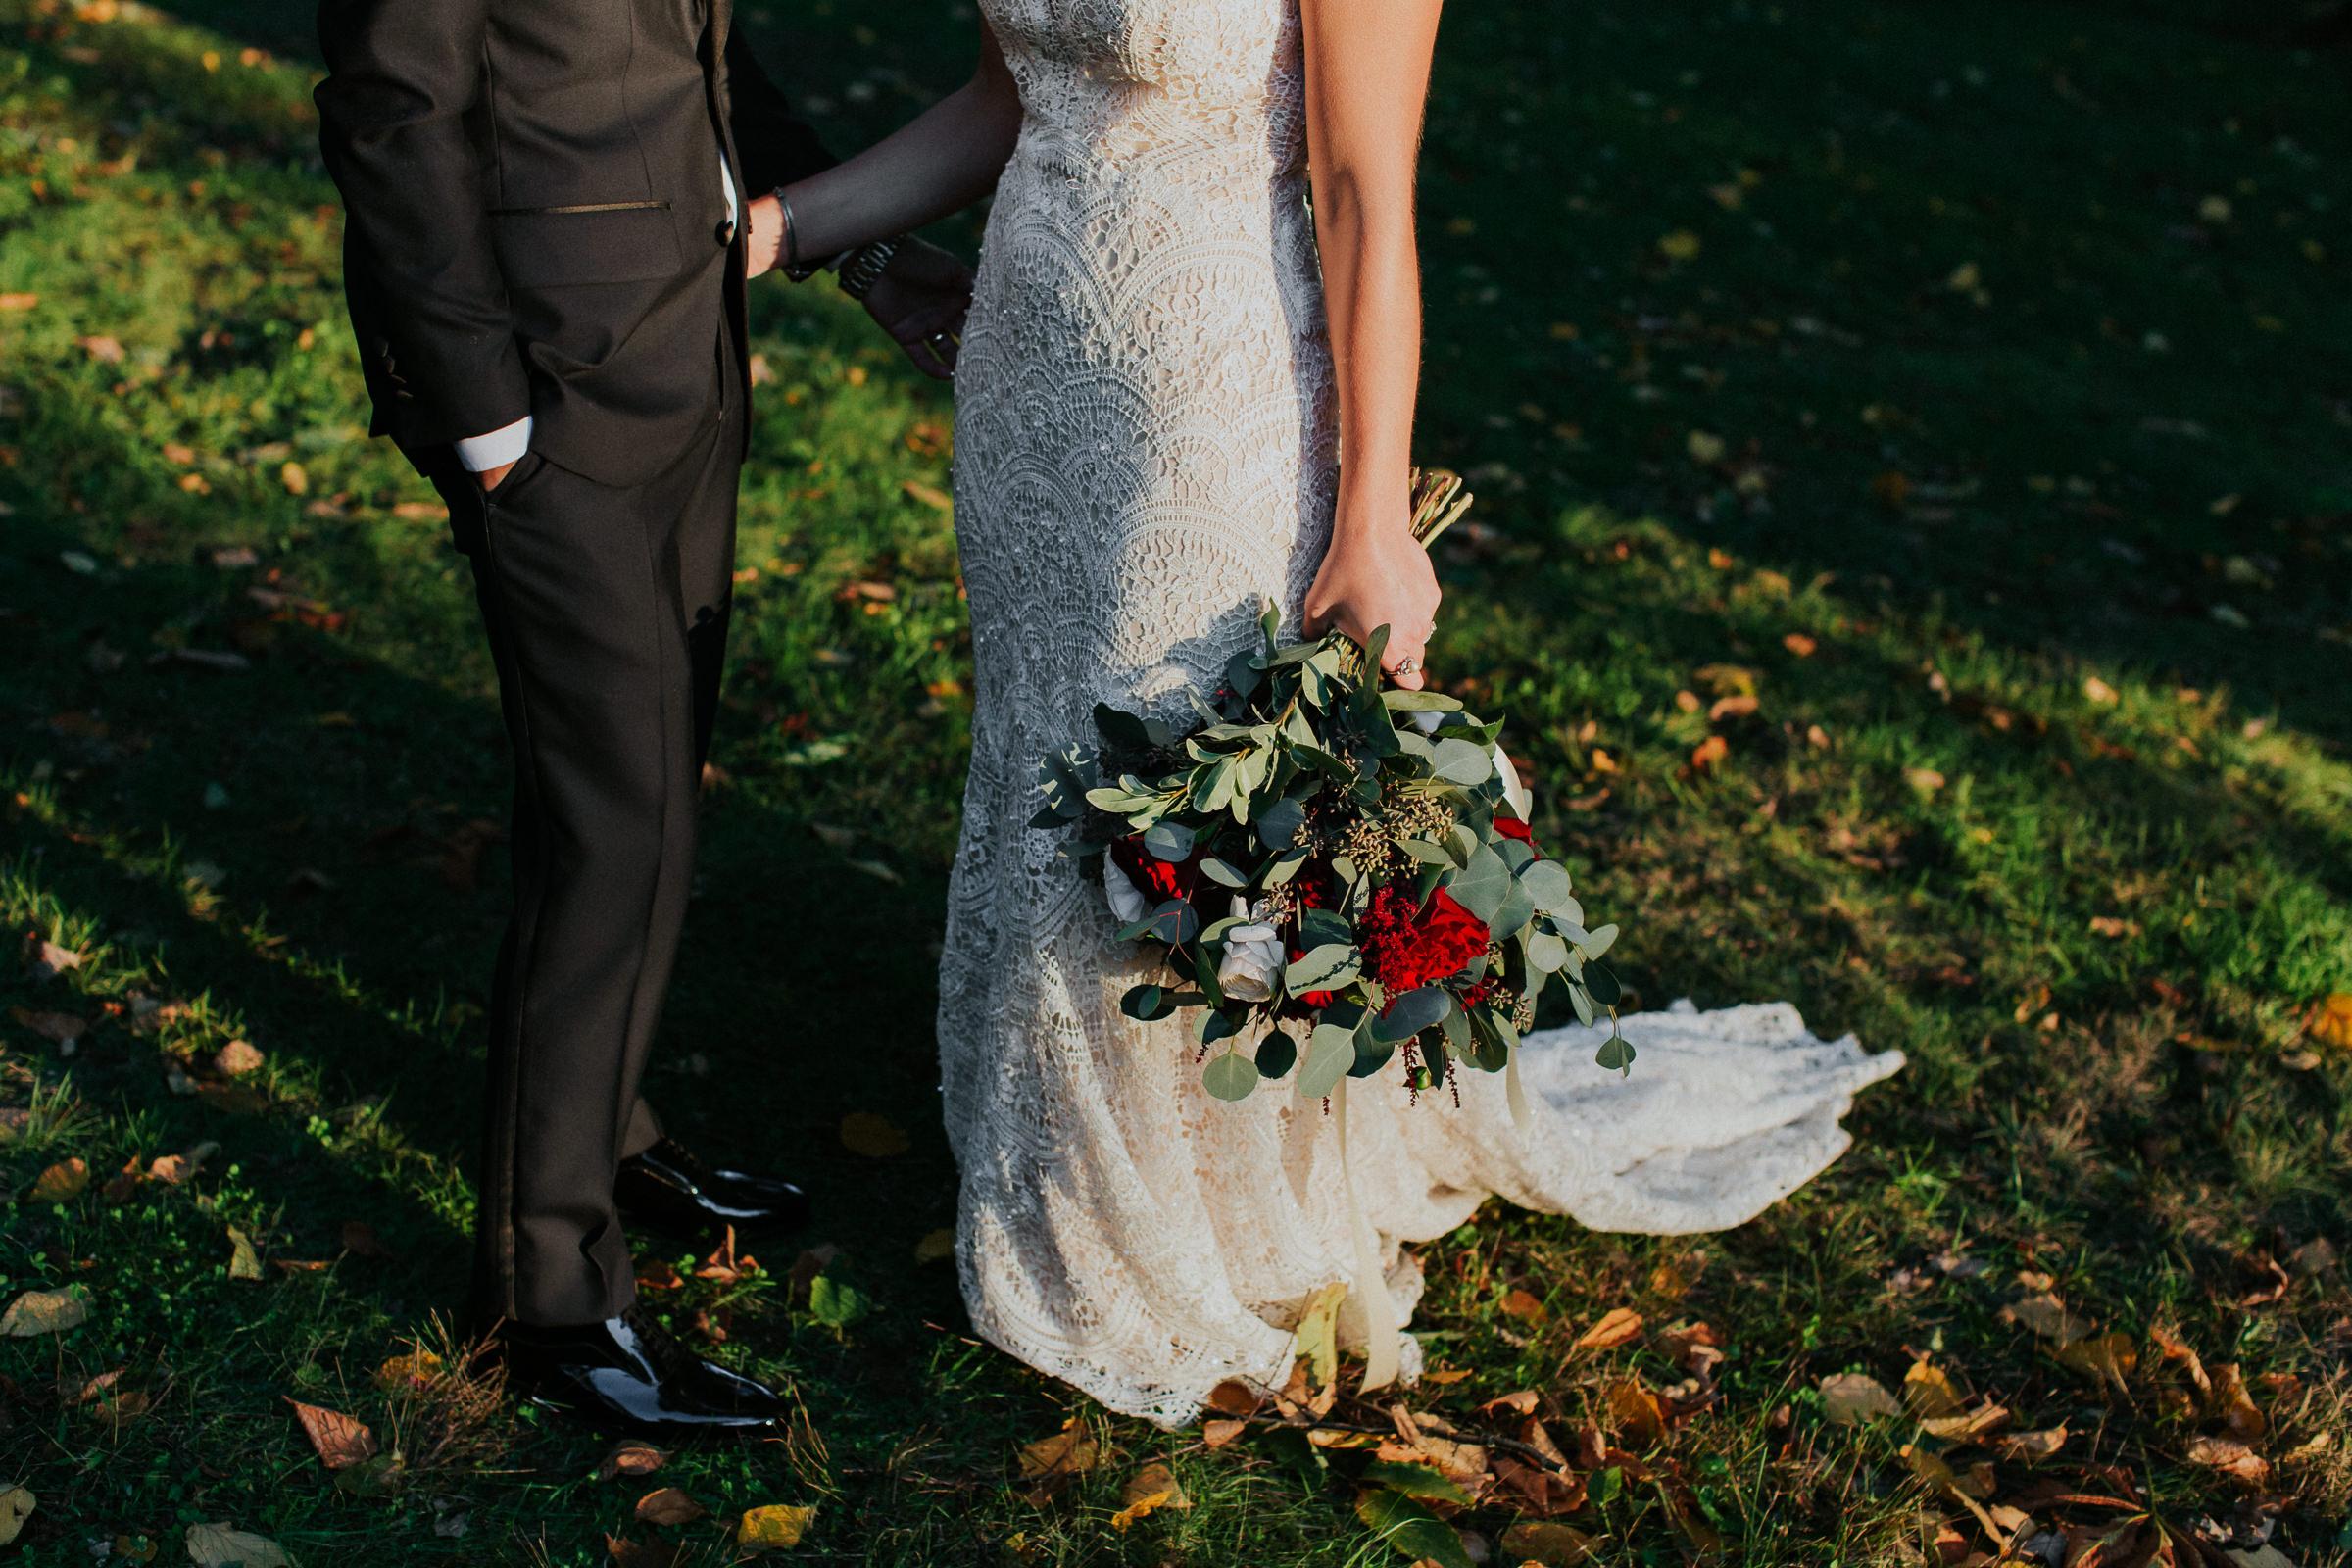 Arrow-Park-Monroe-NY-Documentary-Wedding-Photographer-78.jpg